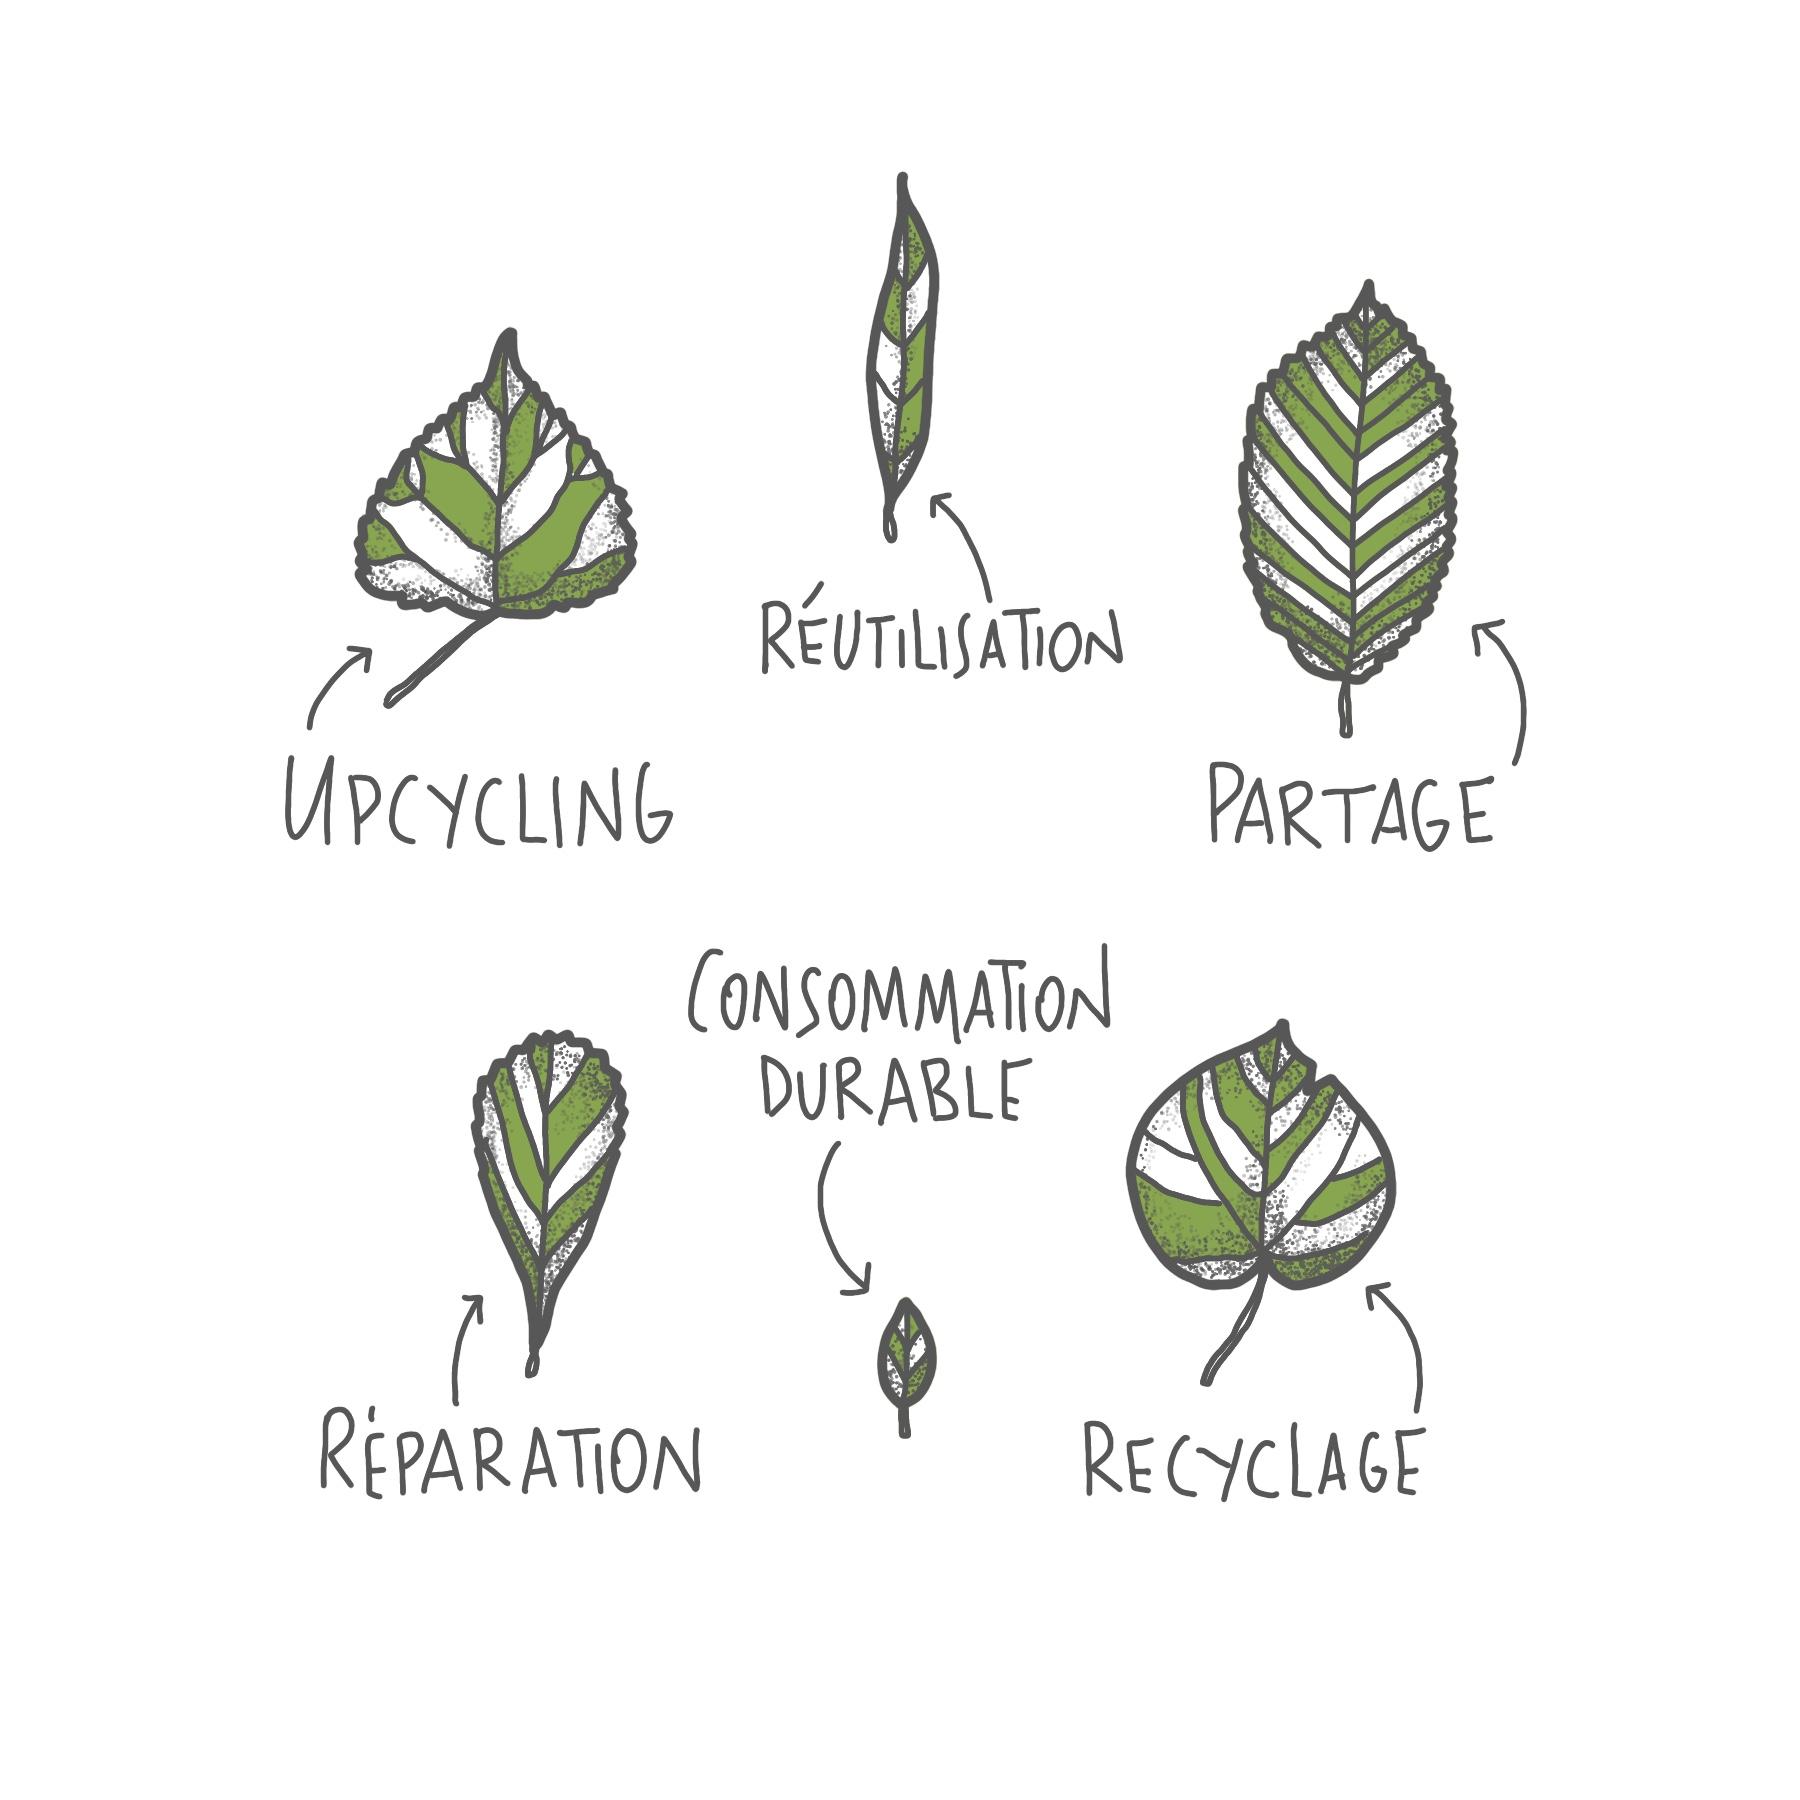 - Chez Atelier Kami, chaque collaboration est comme la plantation d'un arbre. Tout commence par le choix de la semence. En fonction de l'essence choisie, l'arbre mettra plus ou moins de temps à se développer et aura un aspect différent selon ses spécificités.